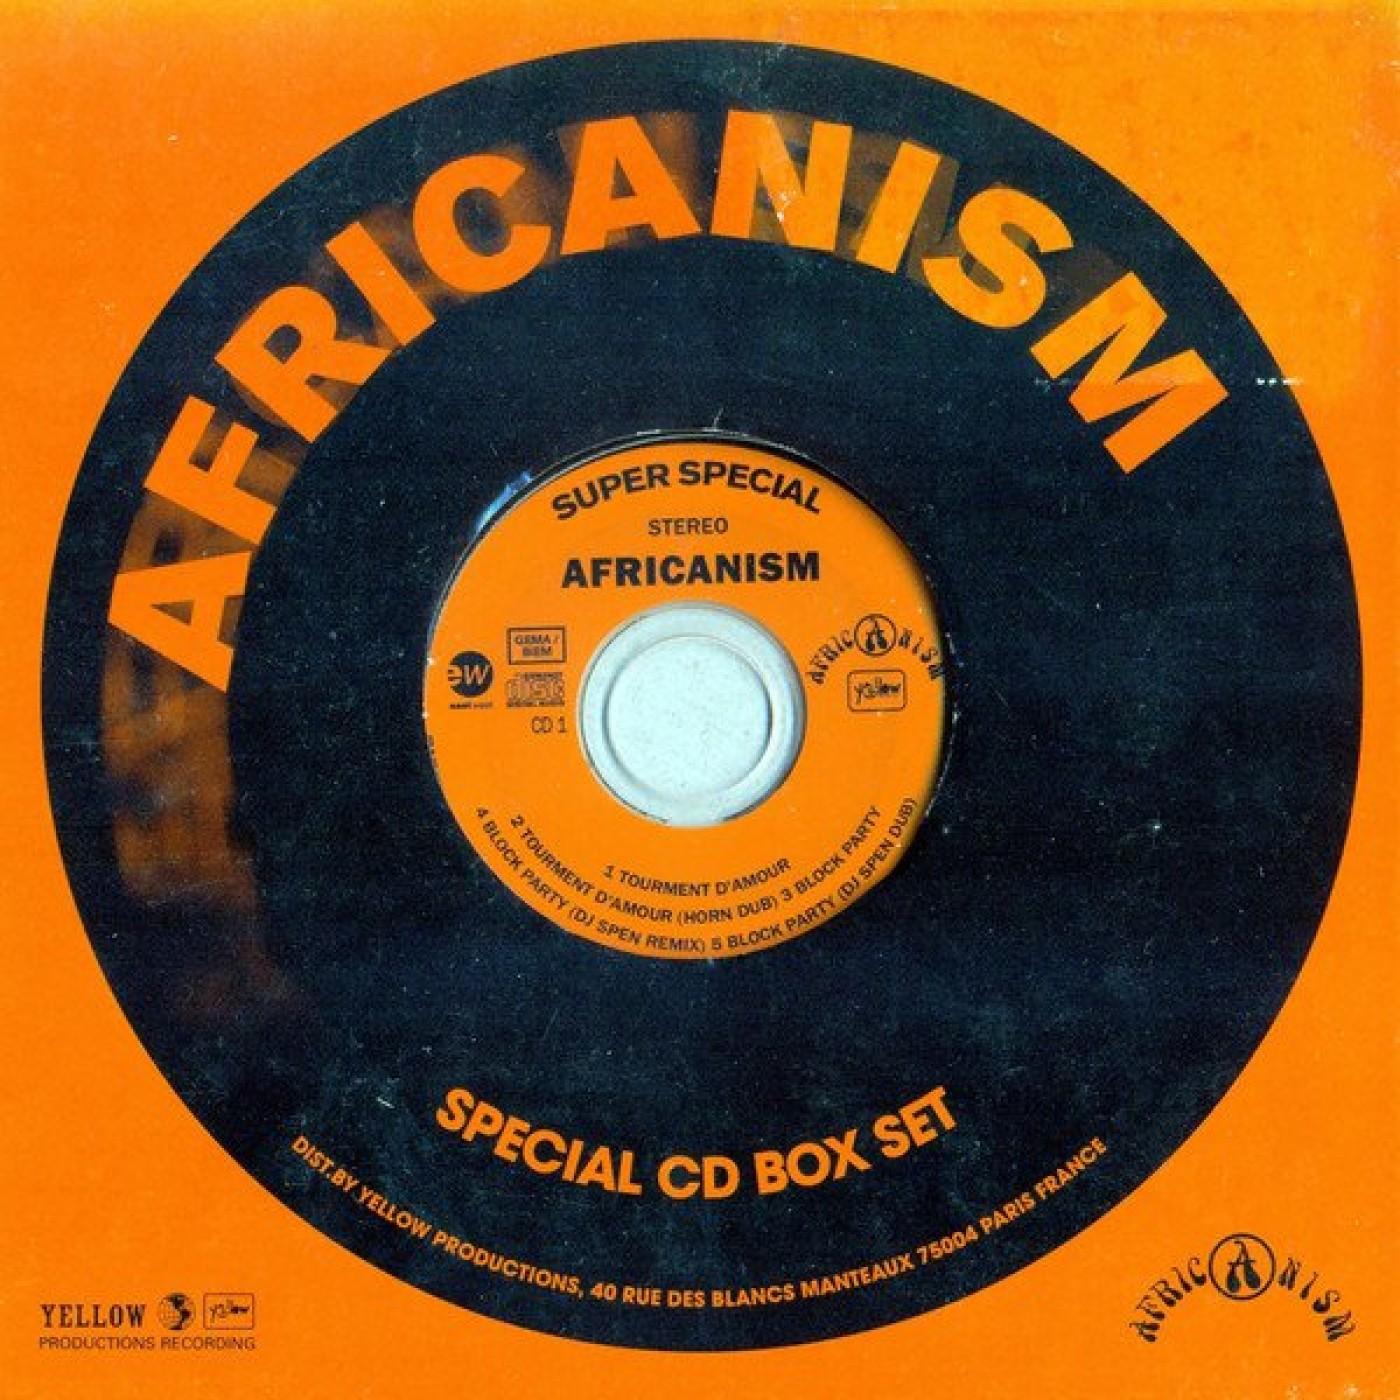 La music story du jour : Africanism